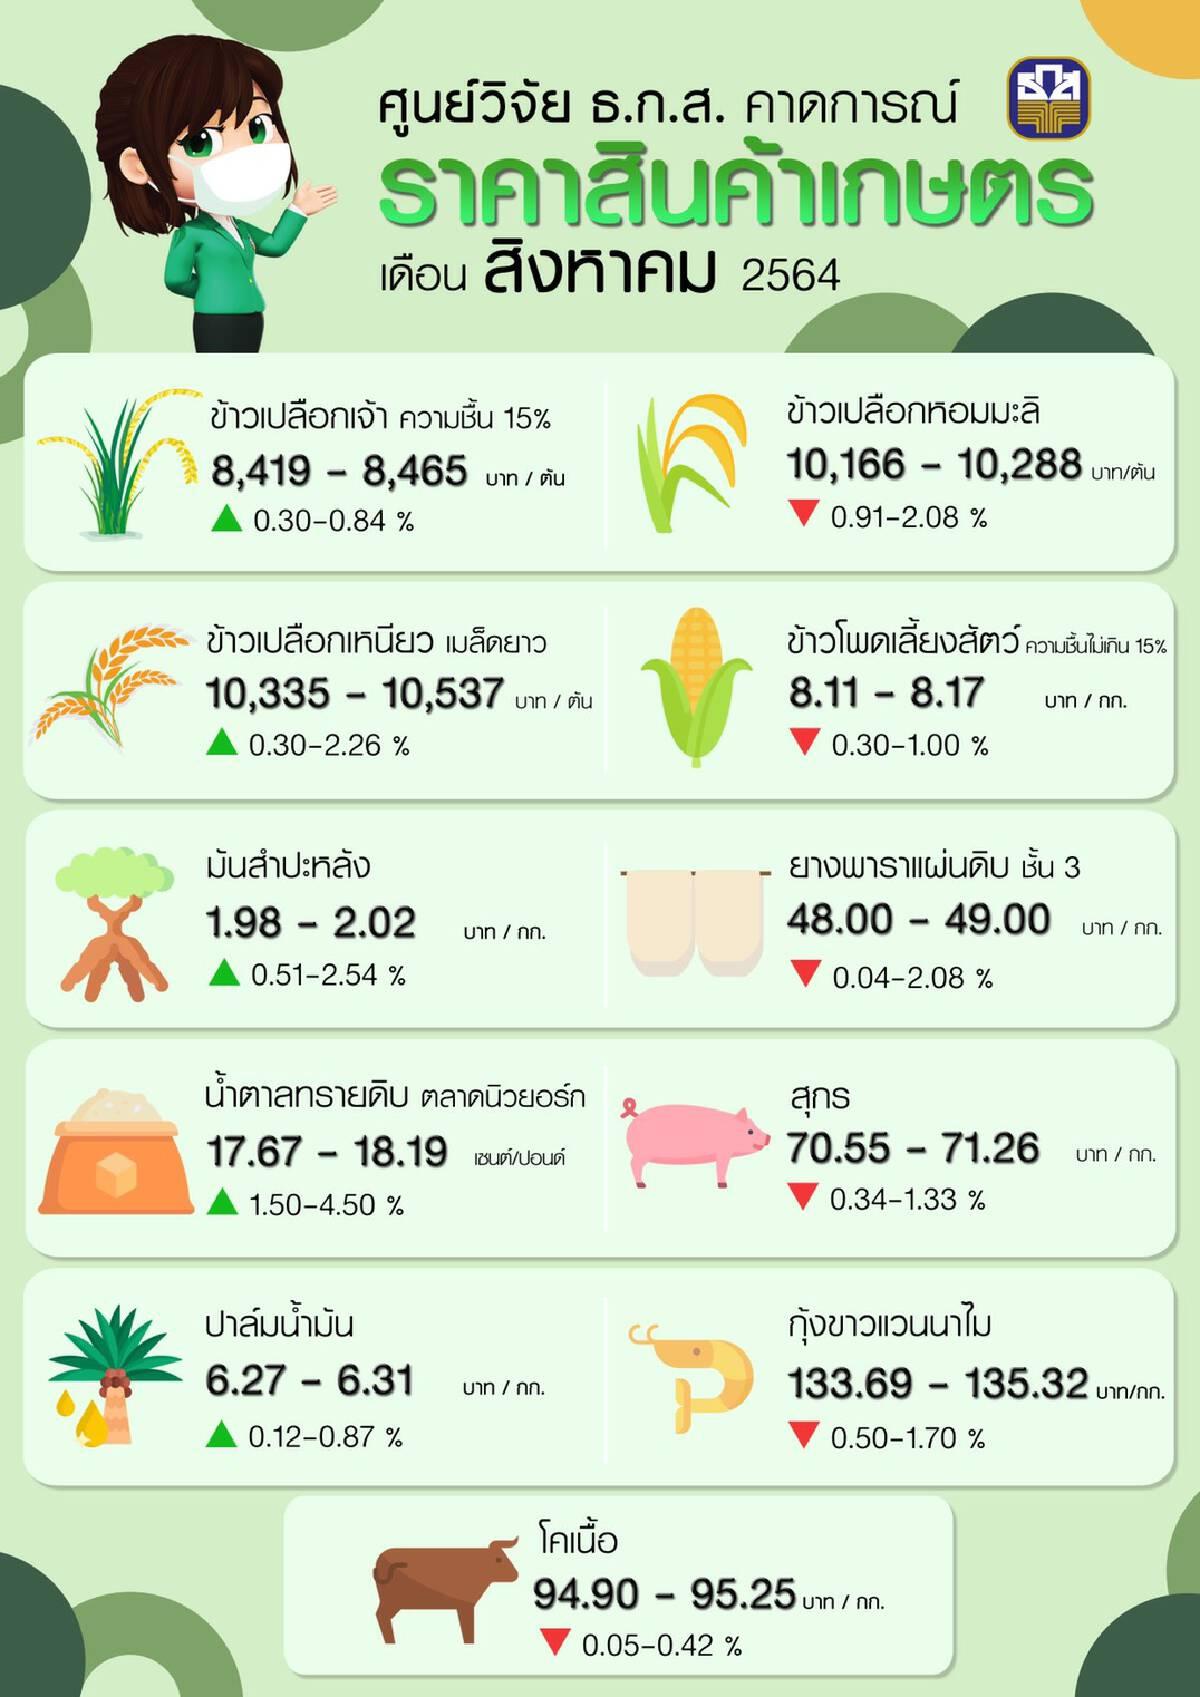 คาดการณ์ราคาสินค้าเกษตรเดือนสิงหาคม 2564